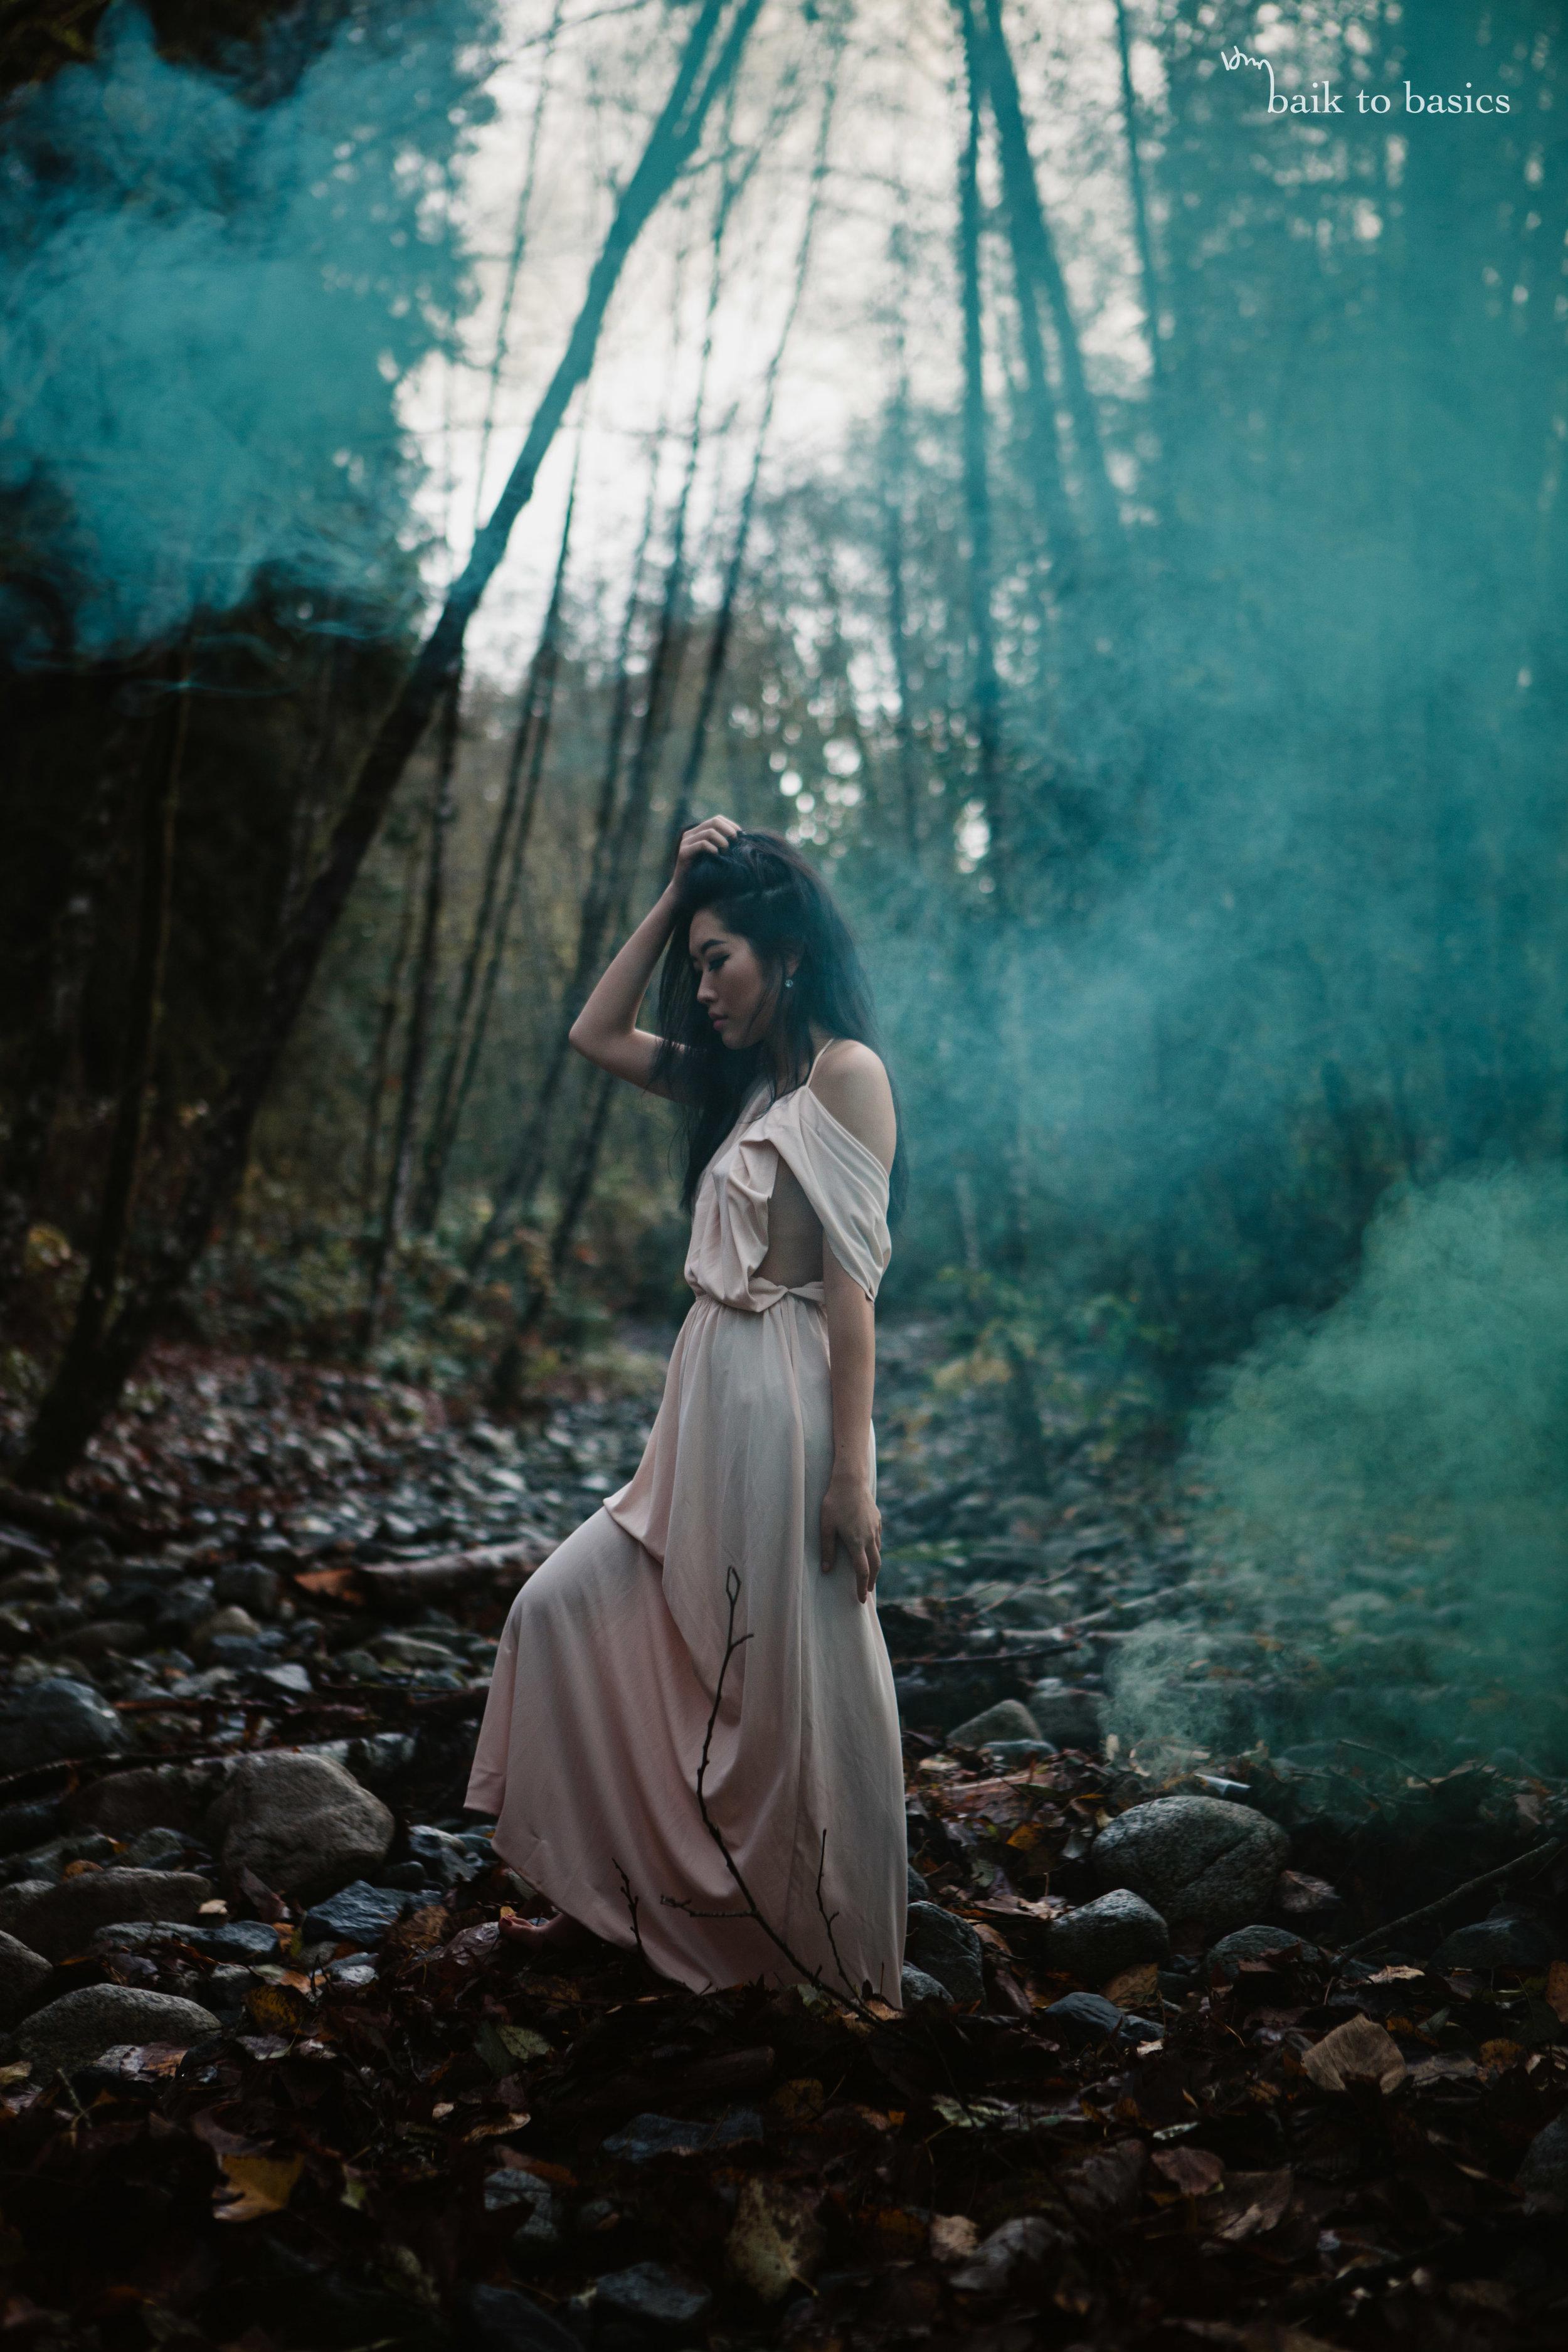 enchanted-photoshoot-smokebomb-1